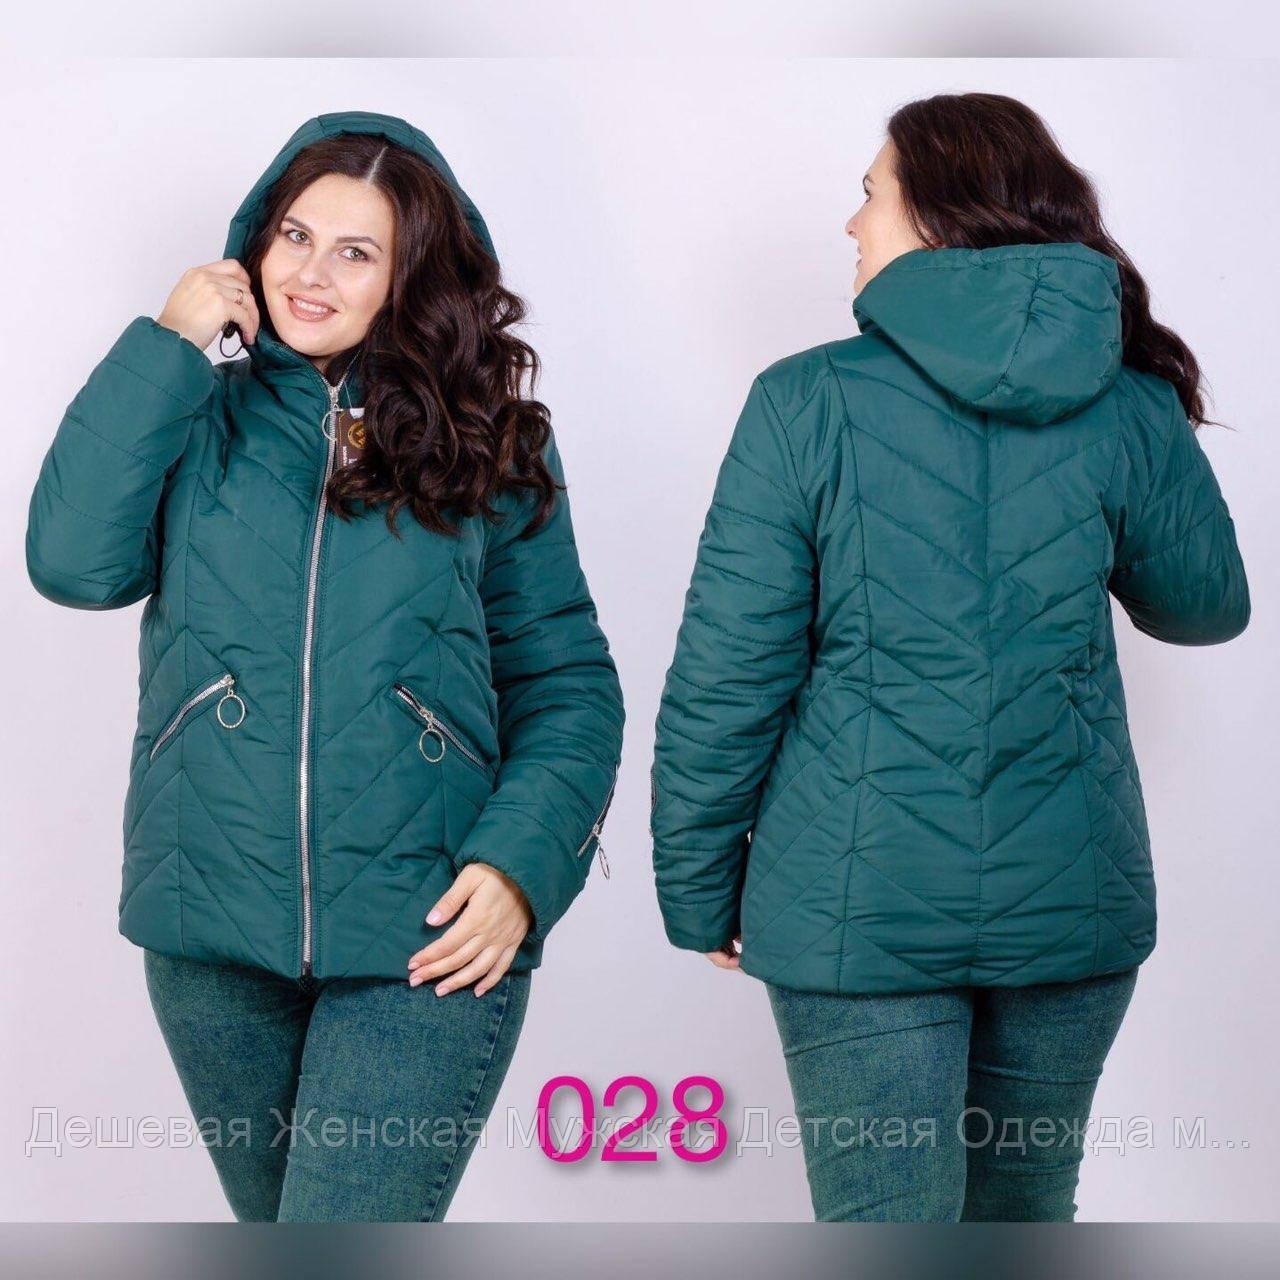 Куртка жіноча, холодна весна - осінь